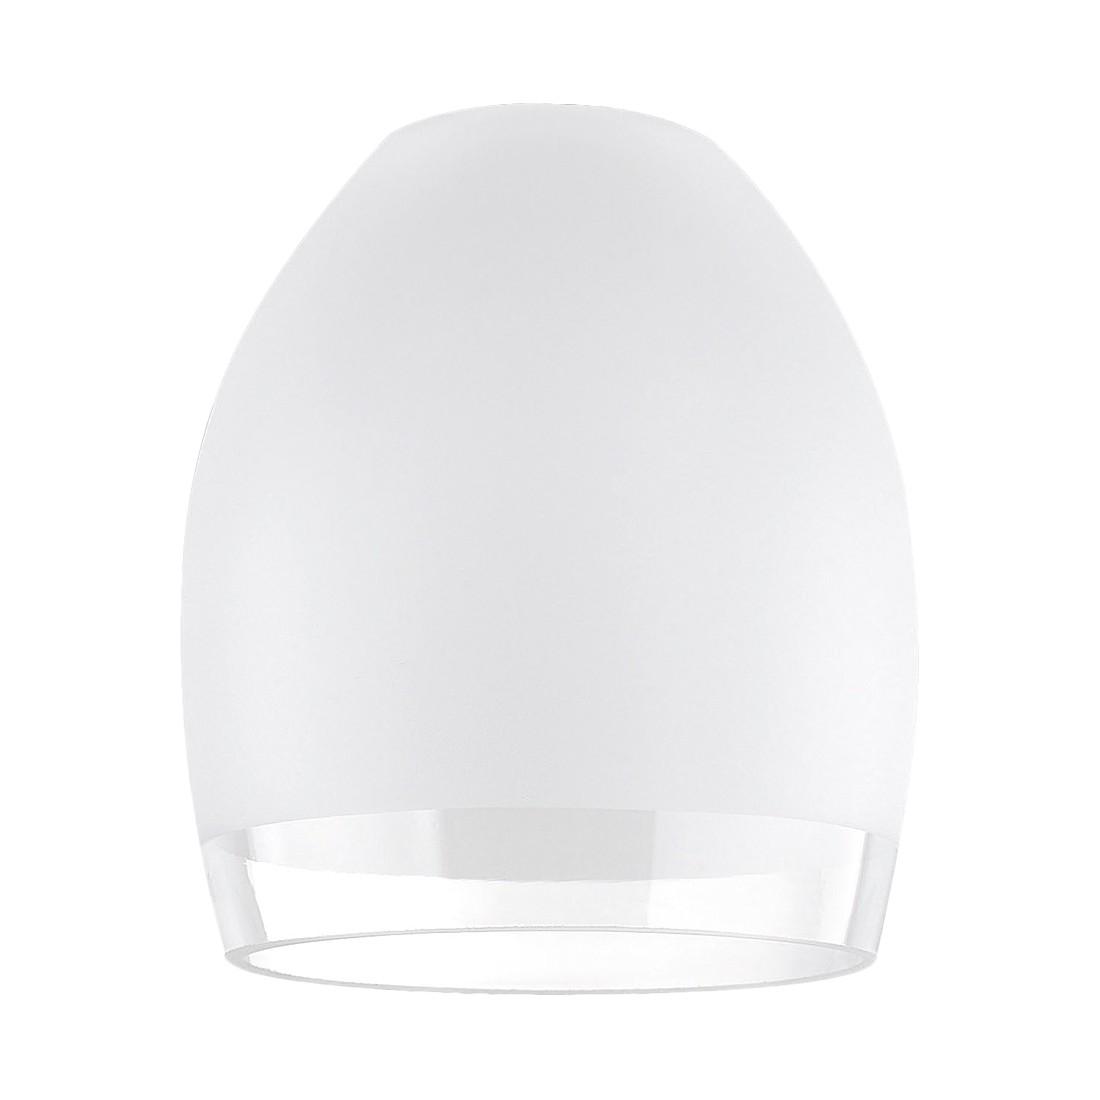 Glasschirm M6 Licht / Medium, Fischer Leuchten bestellen